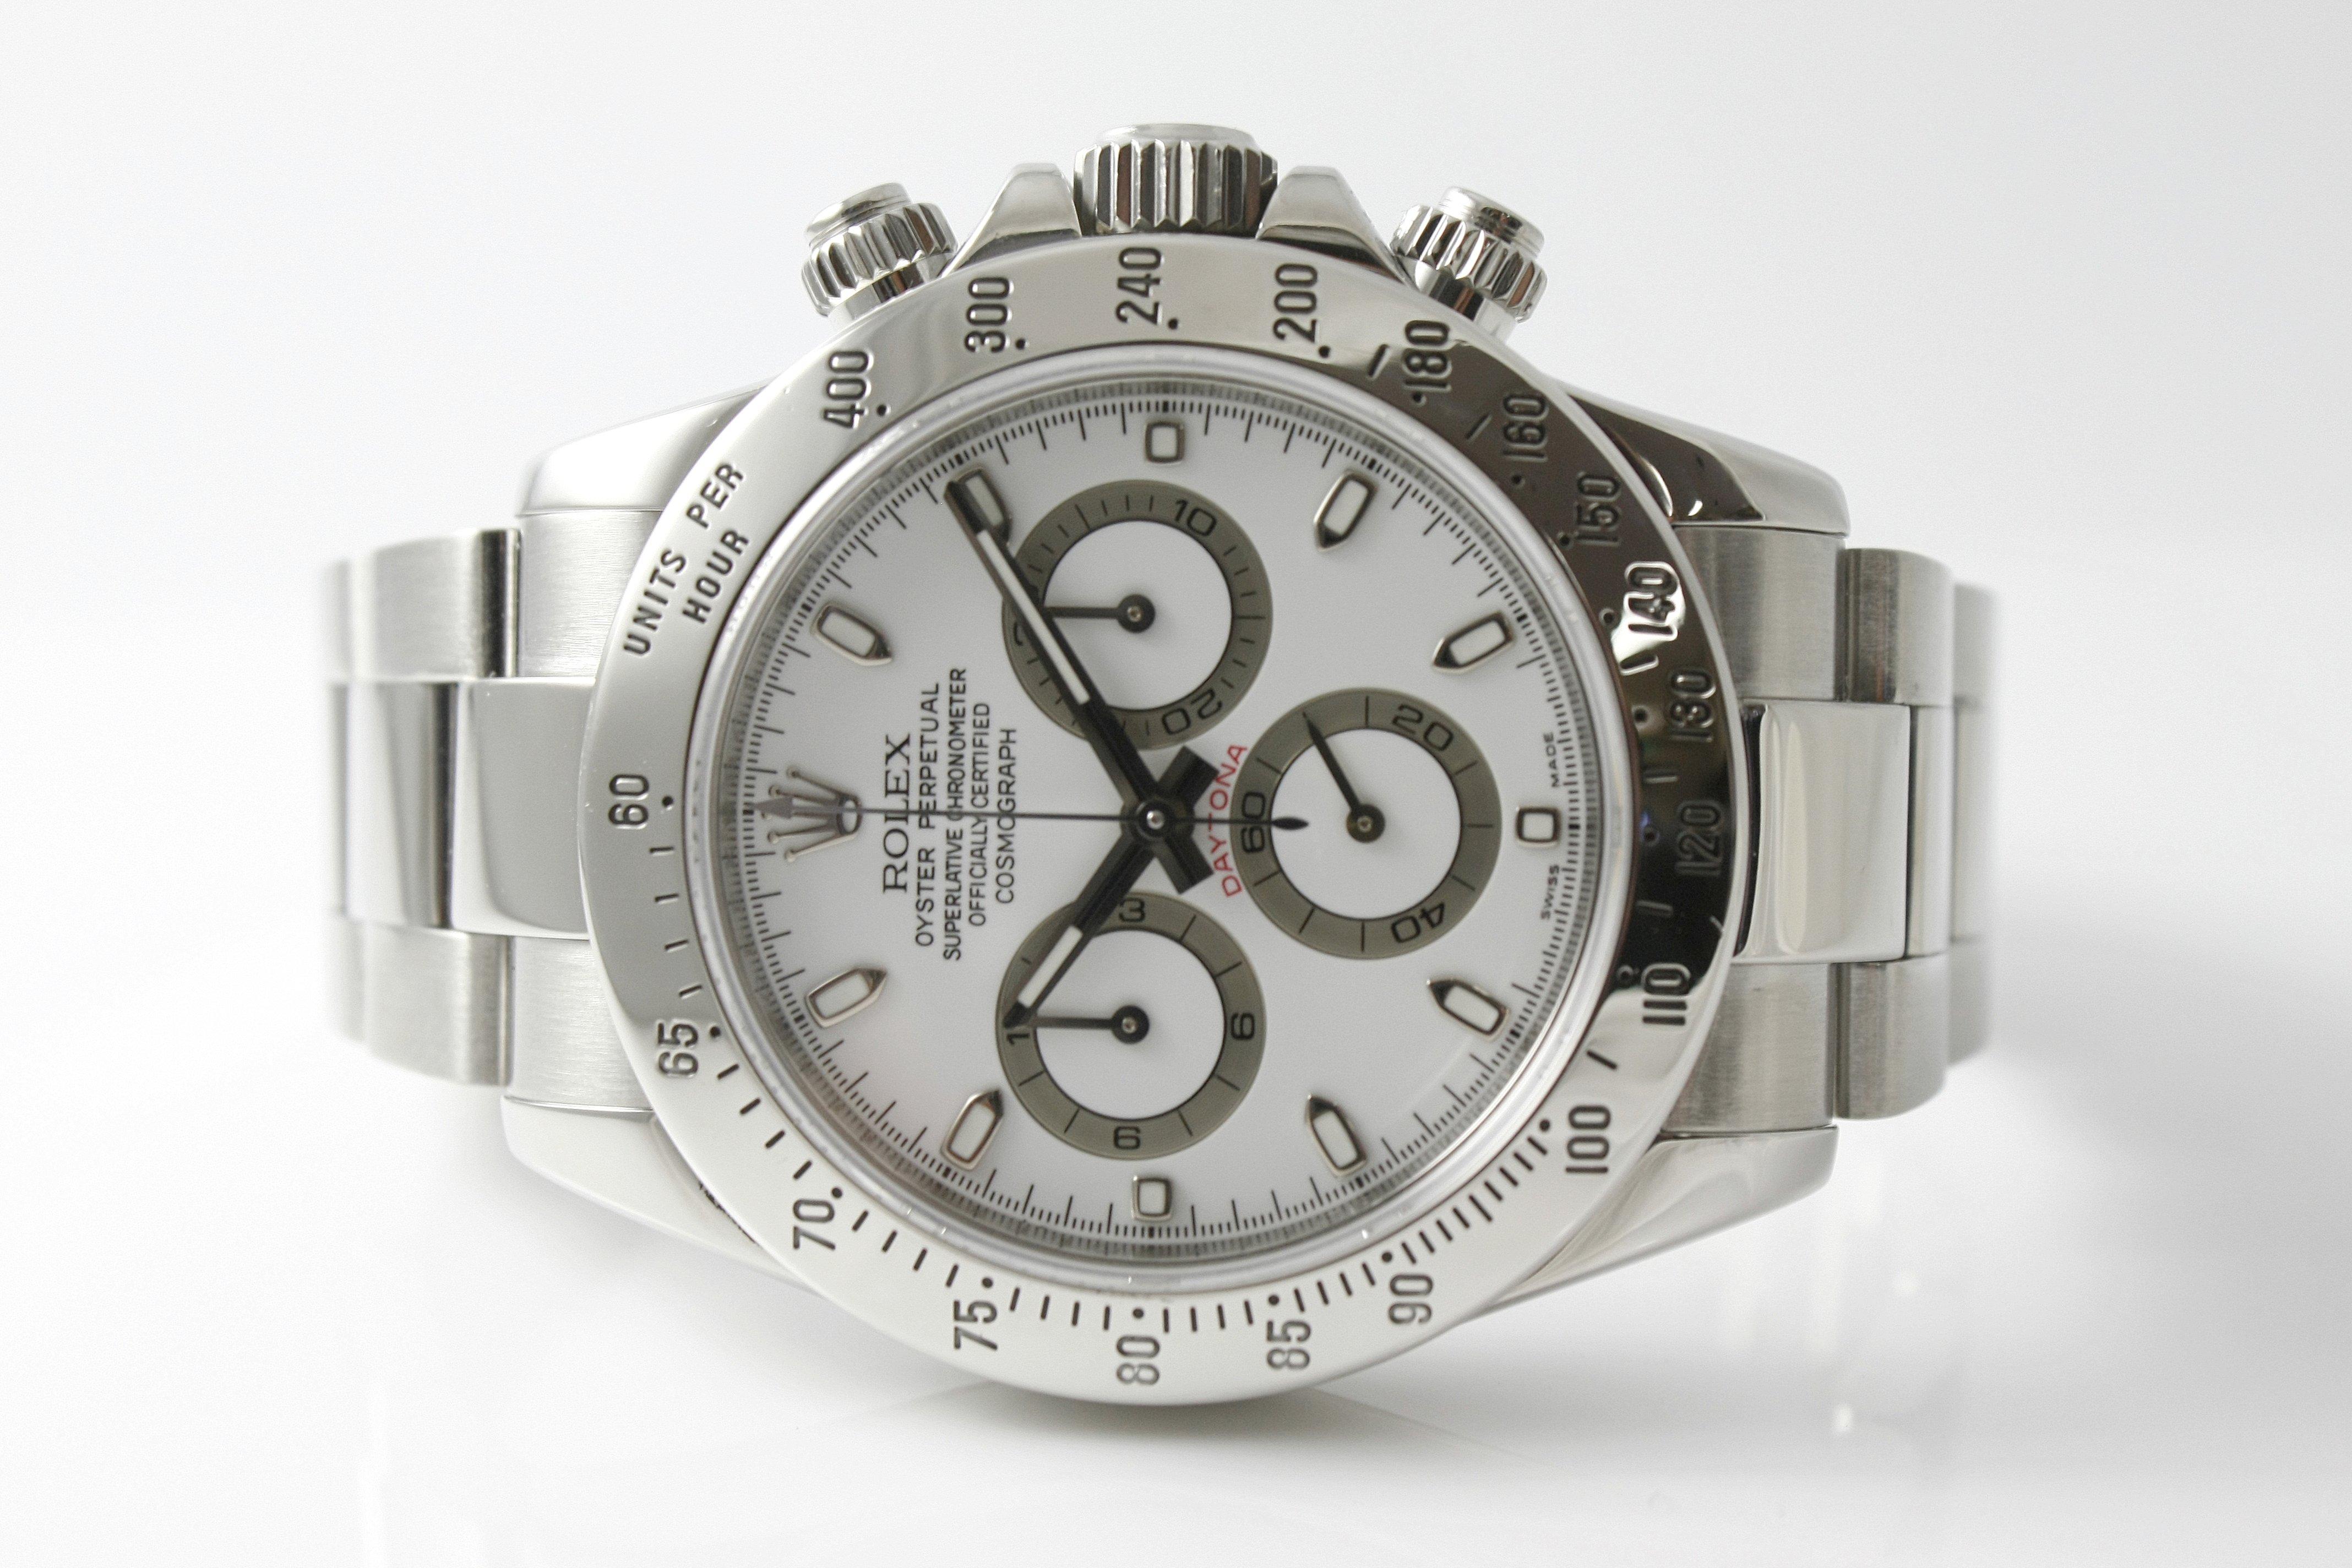 Rolex Daytona - $10,000